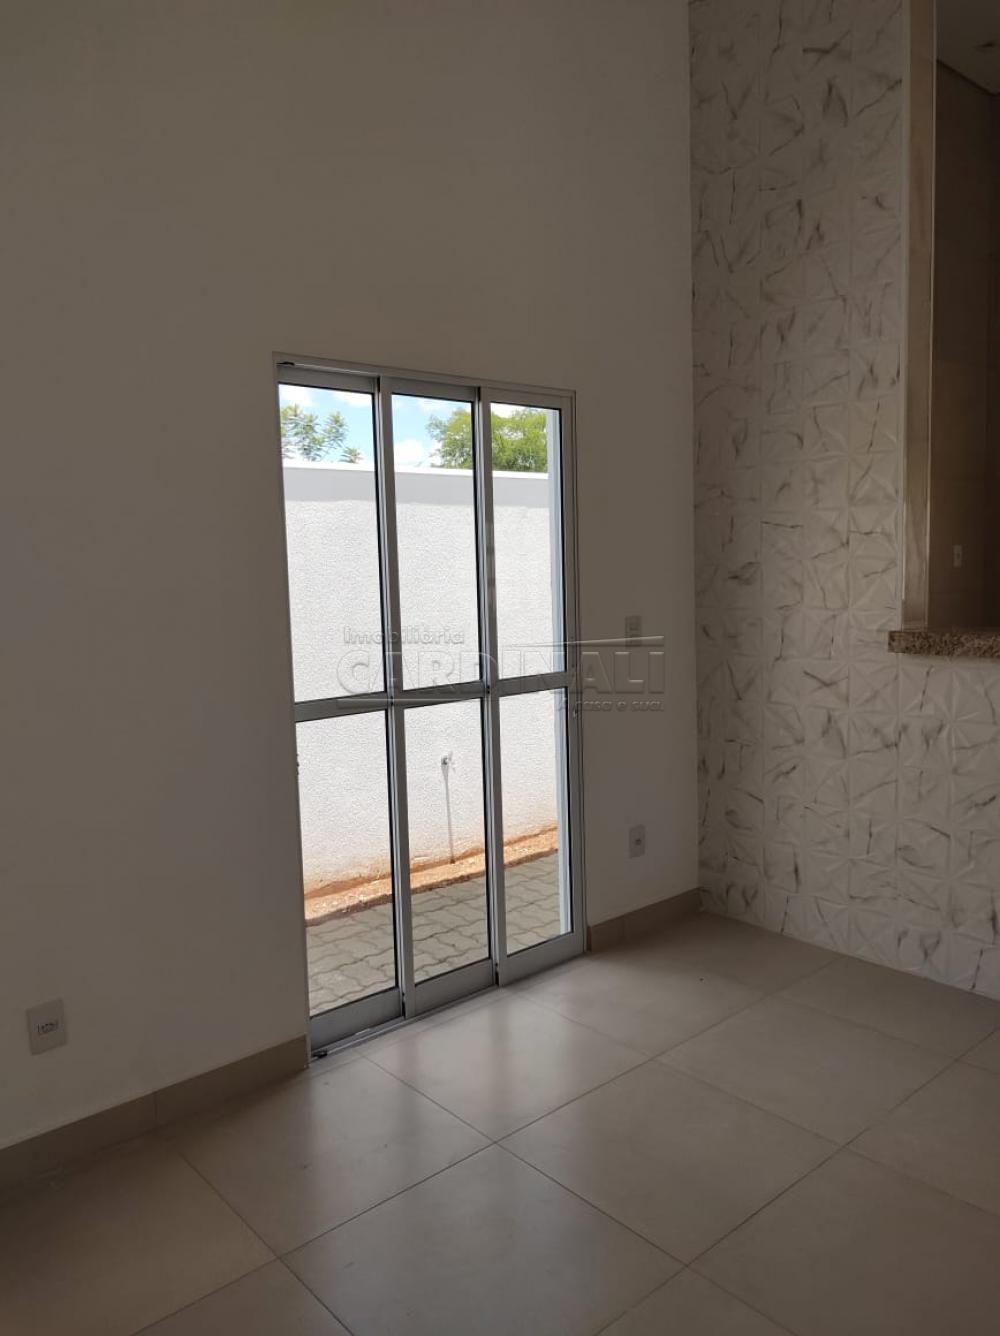 Comprar Casa / Condomínio em Araraquara R$ 480.000,00 - Foto 19